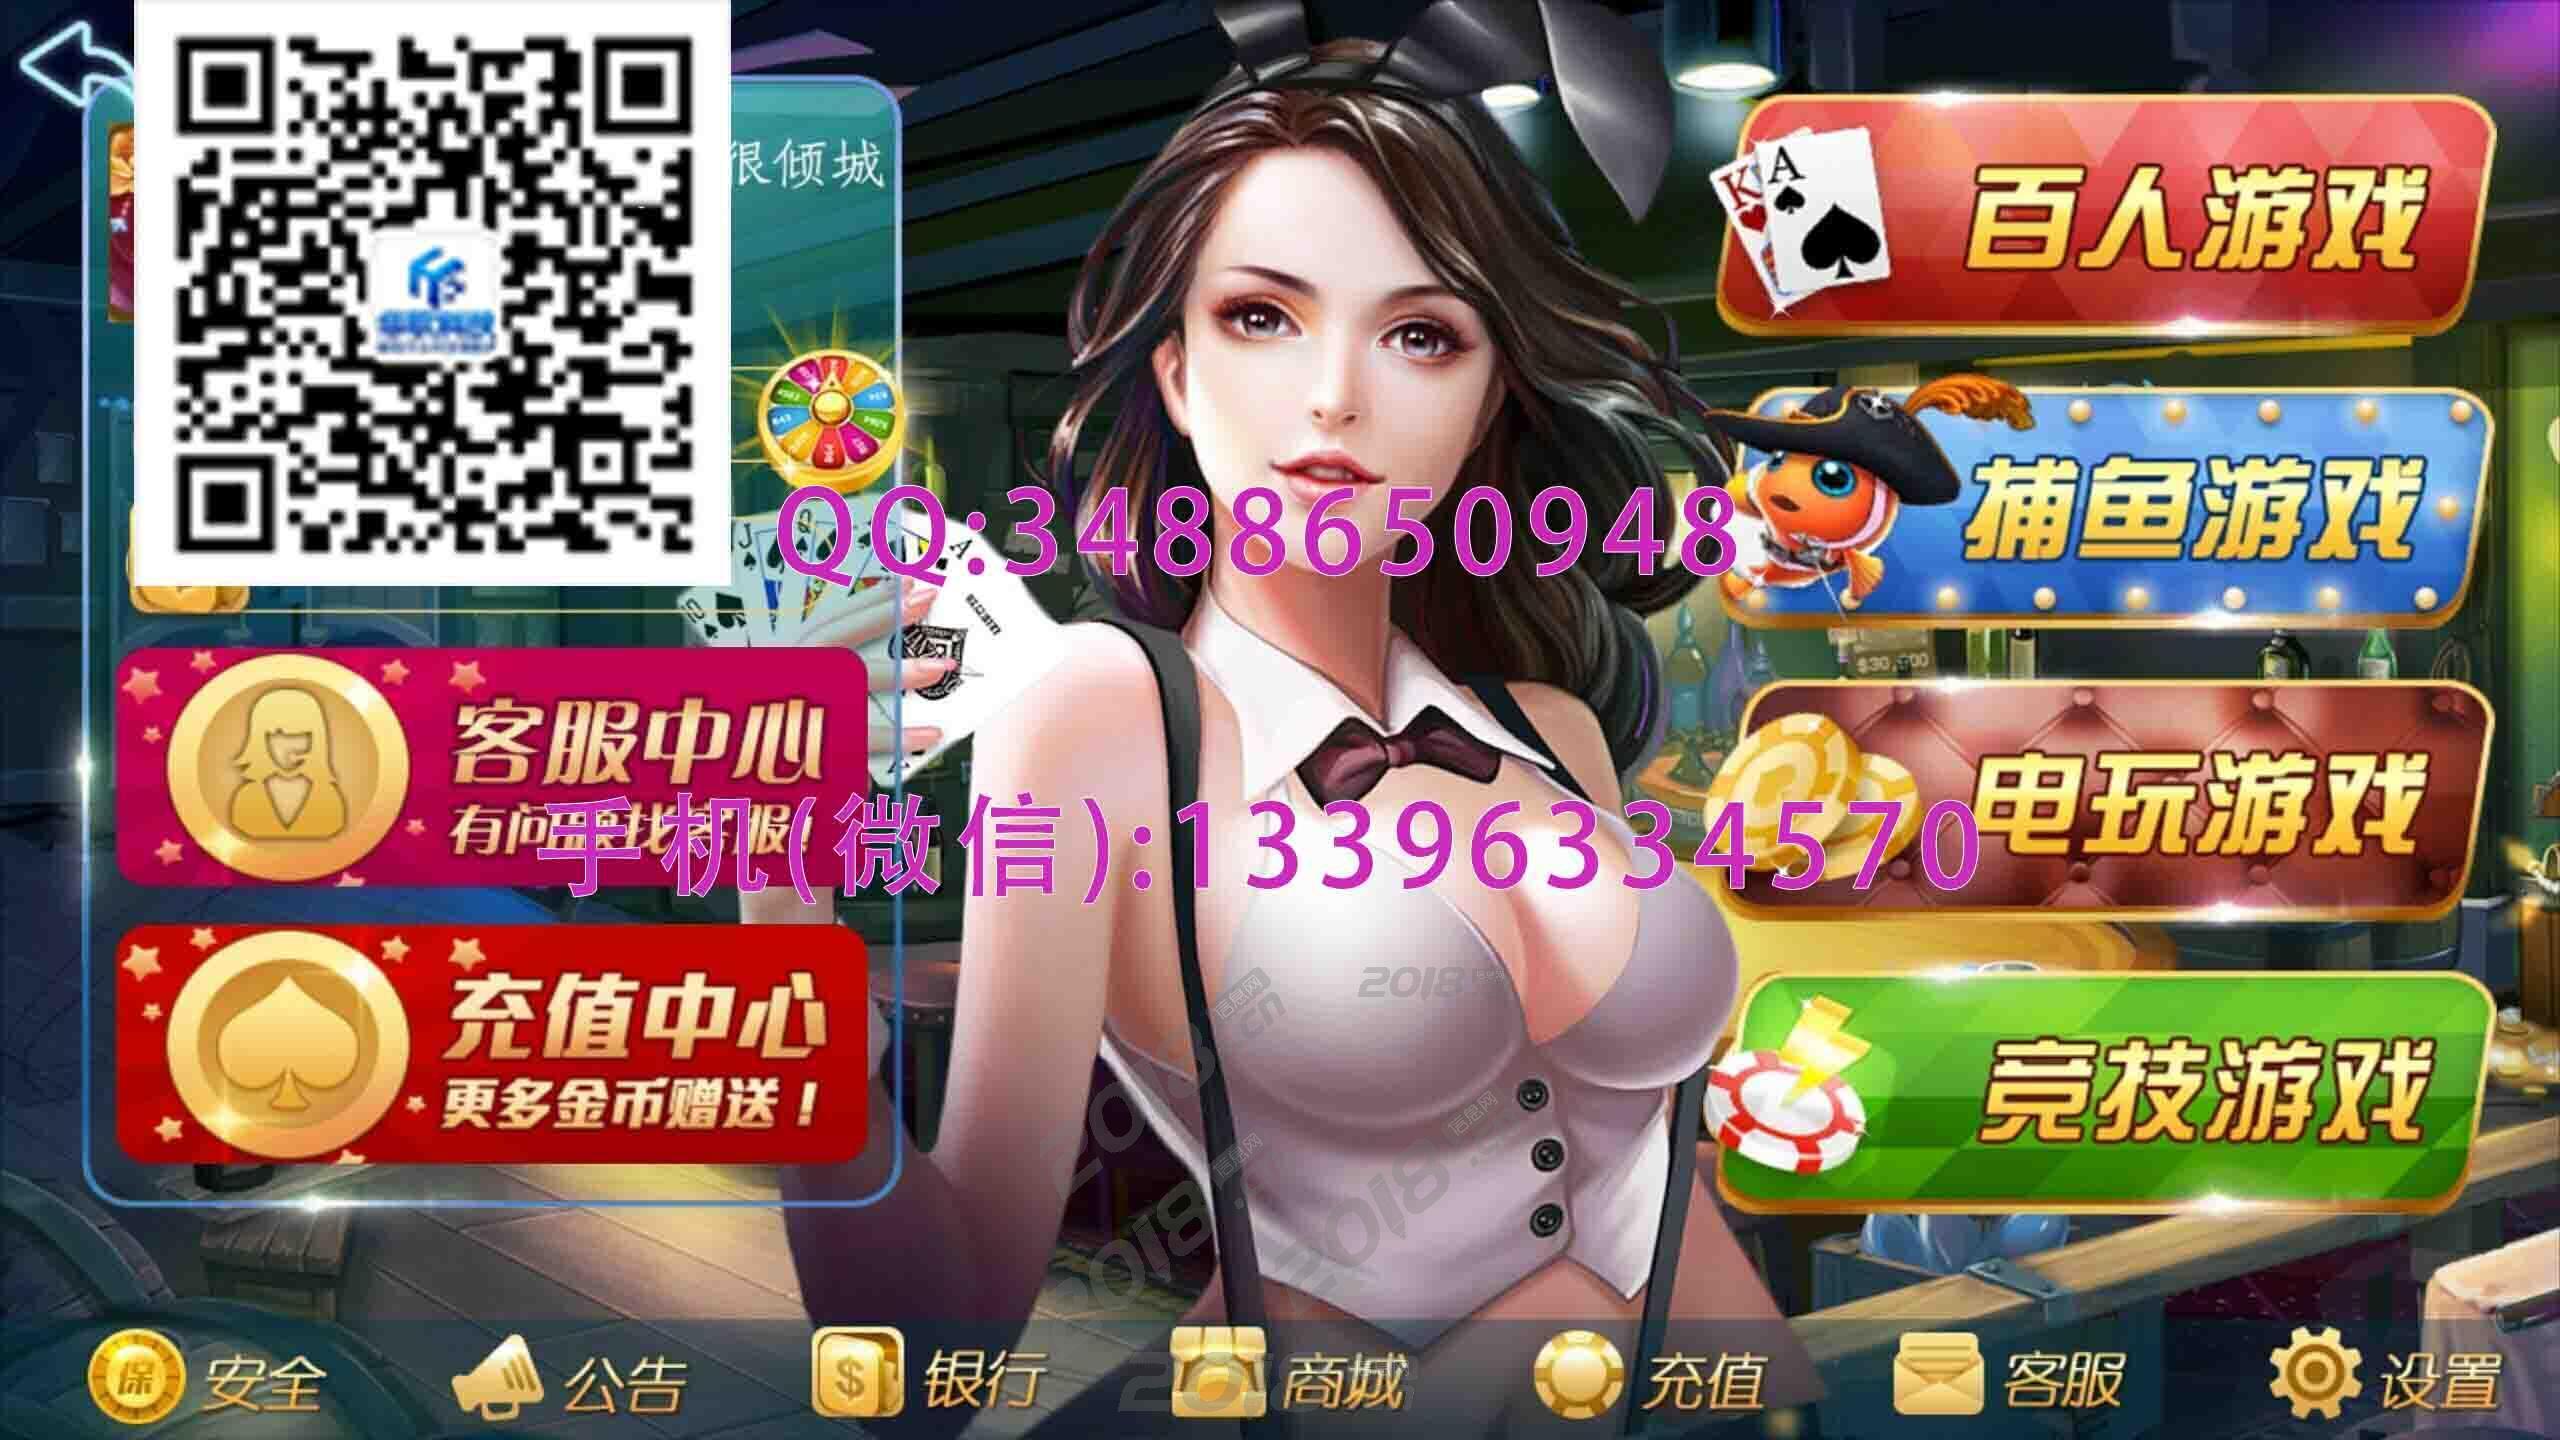 山东聊城手机打鱼游戏开发公司定要找华软来开发